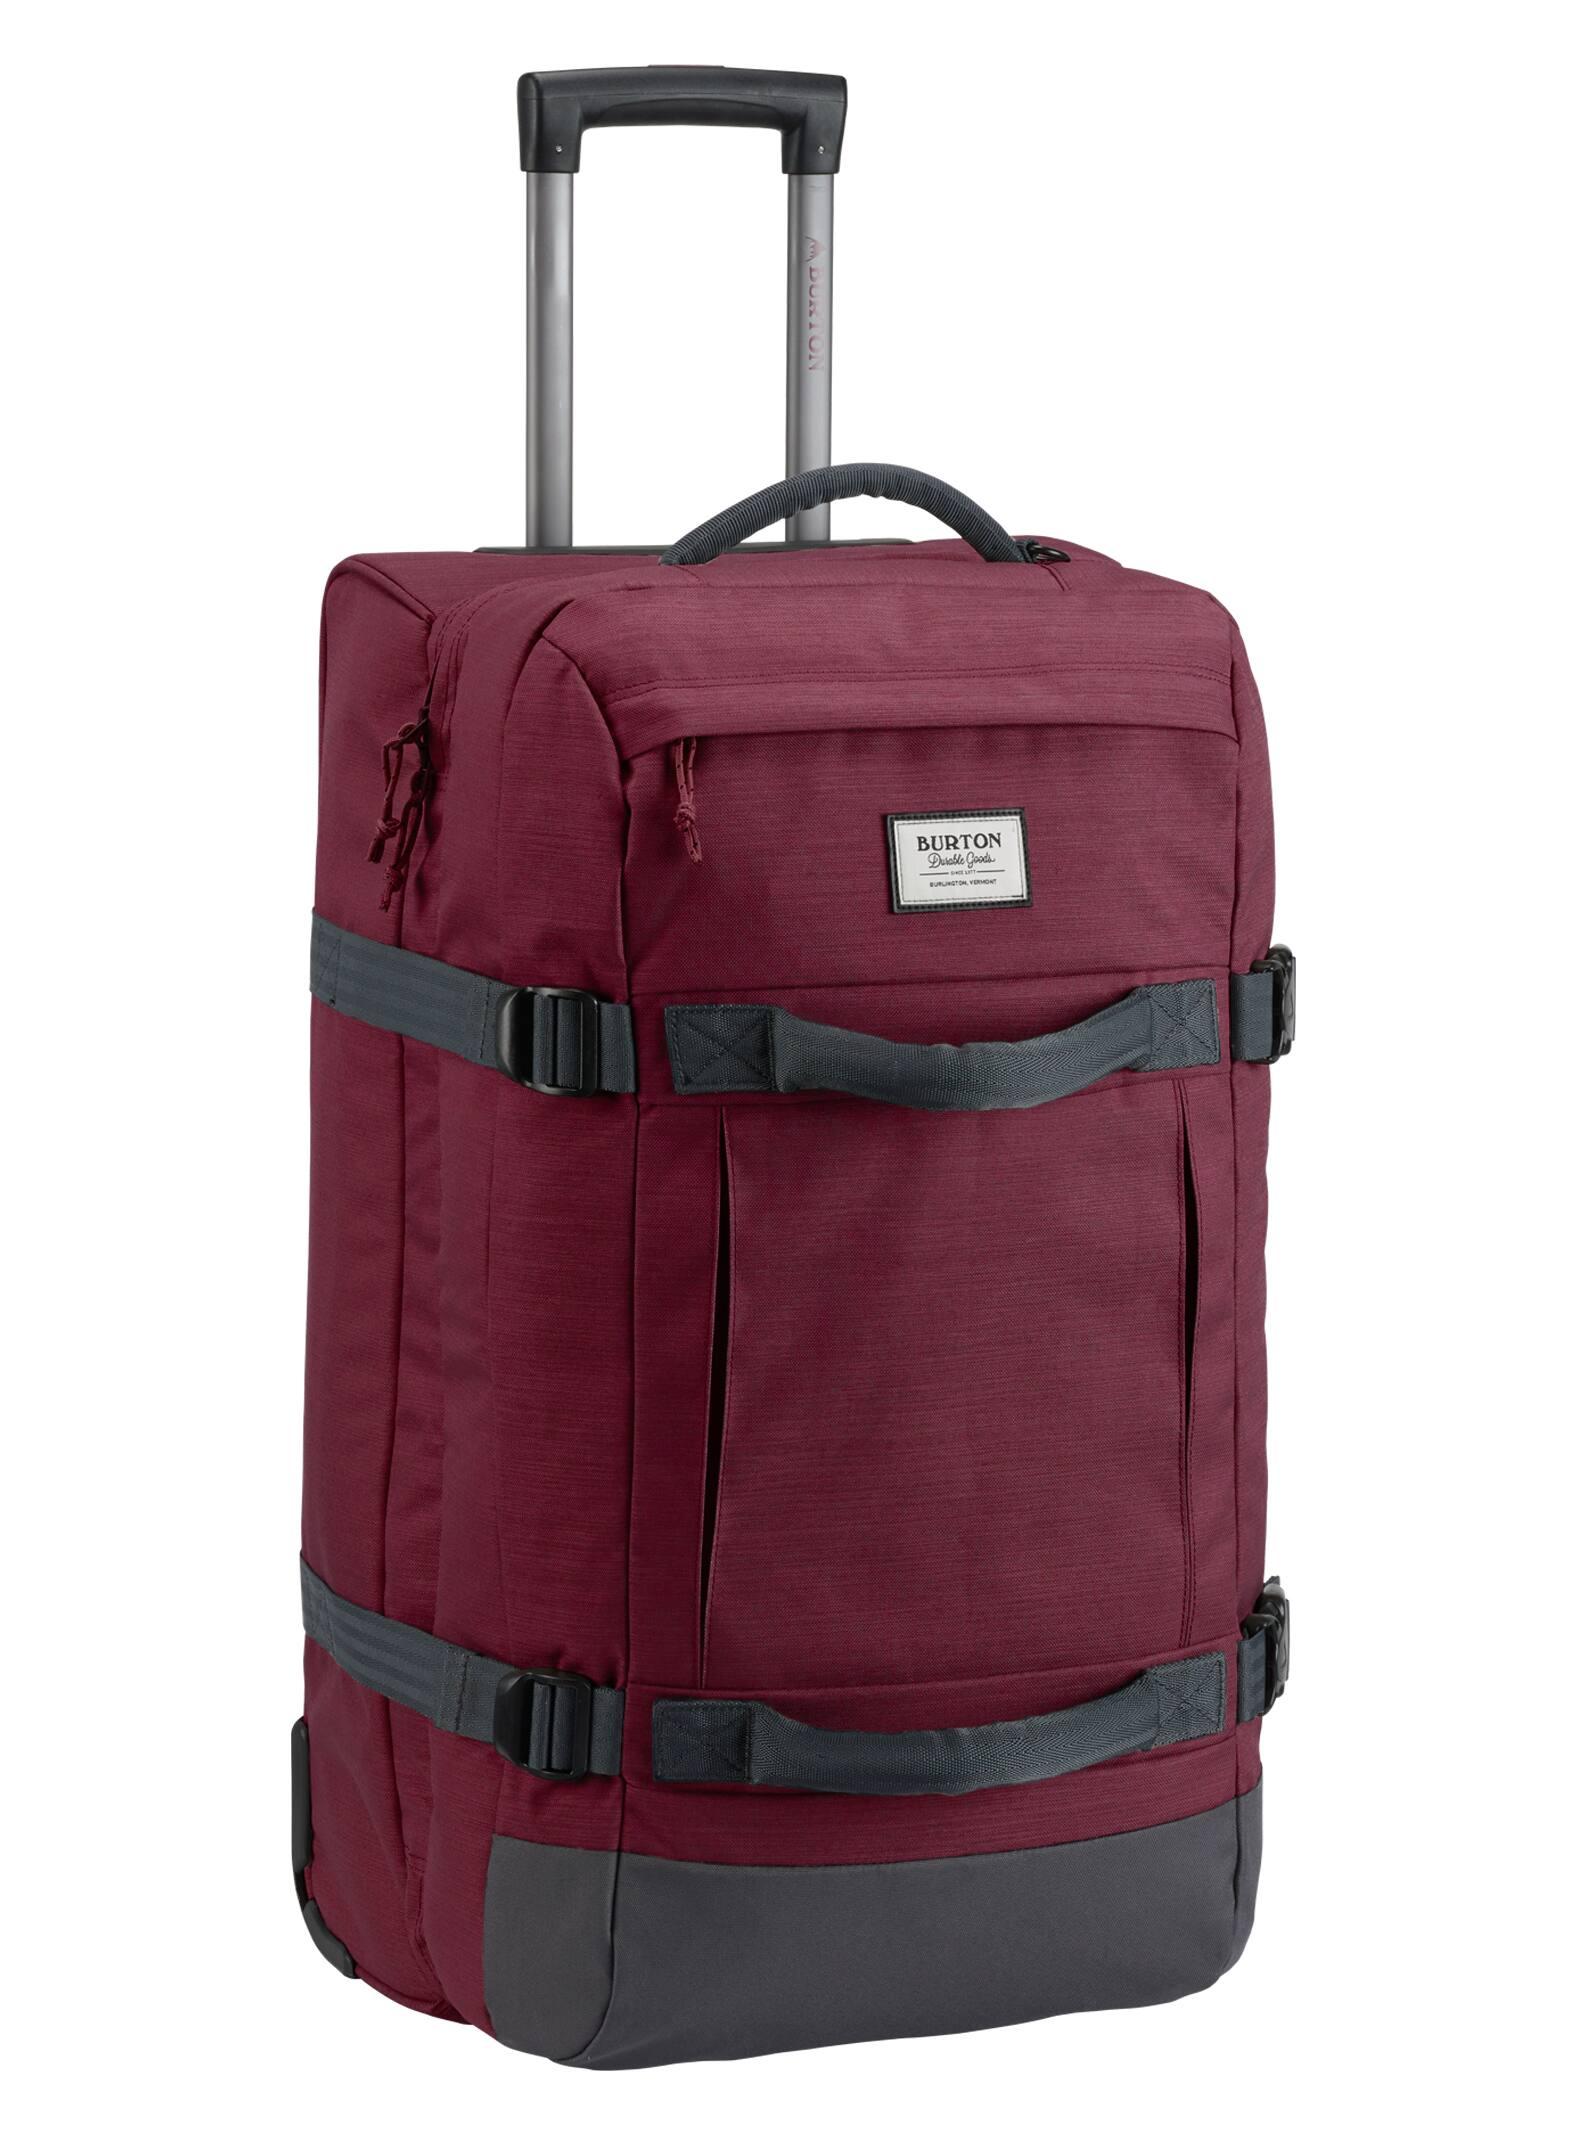 fece91b34e Burton Convoy Roller Travel Bag | Burton.com Fall 2019